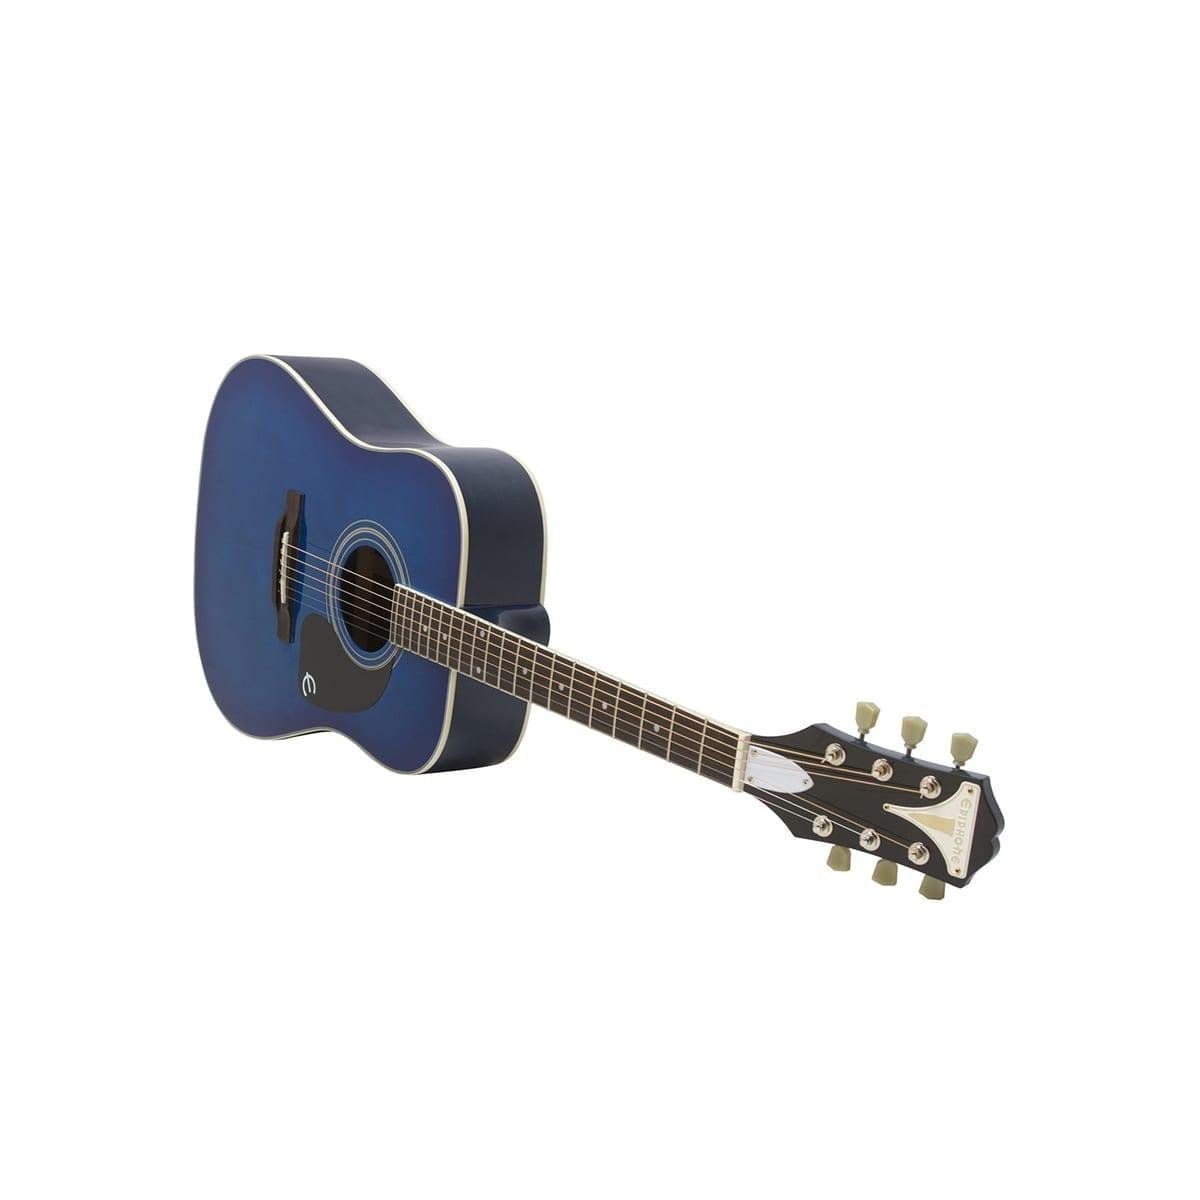 Epiphone Pro 1 Acoustic Trans Blue